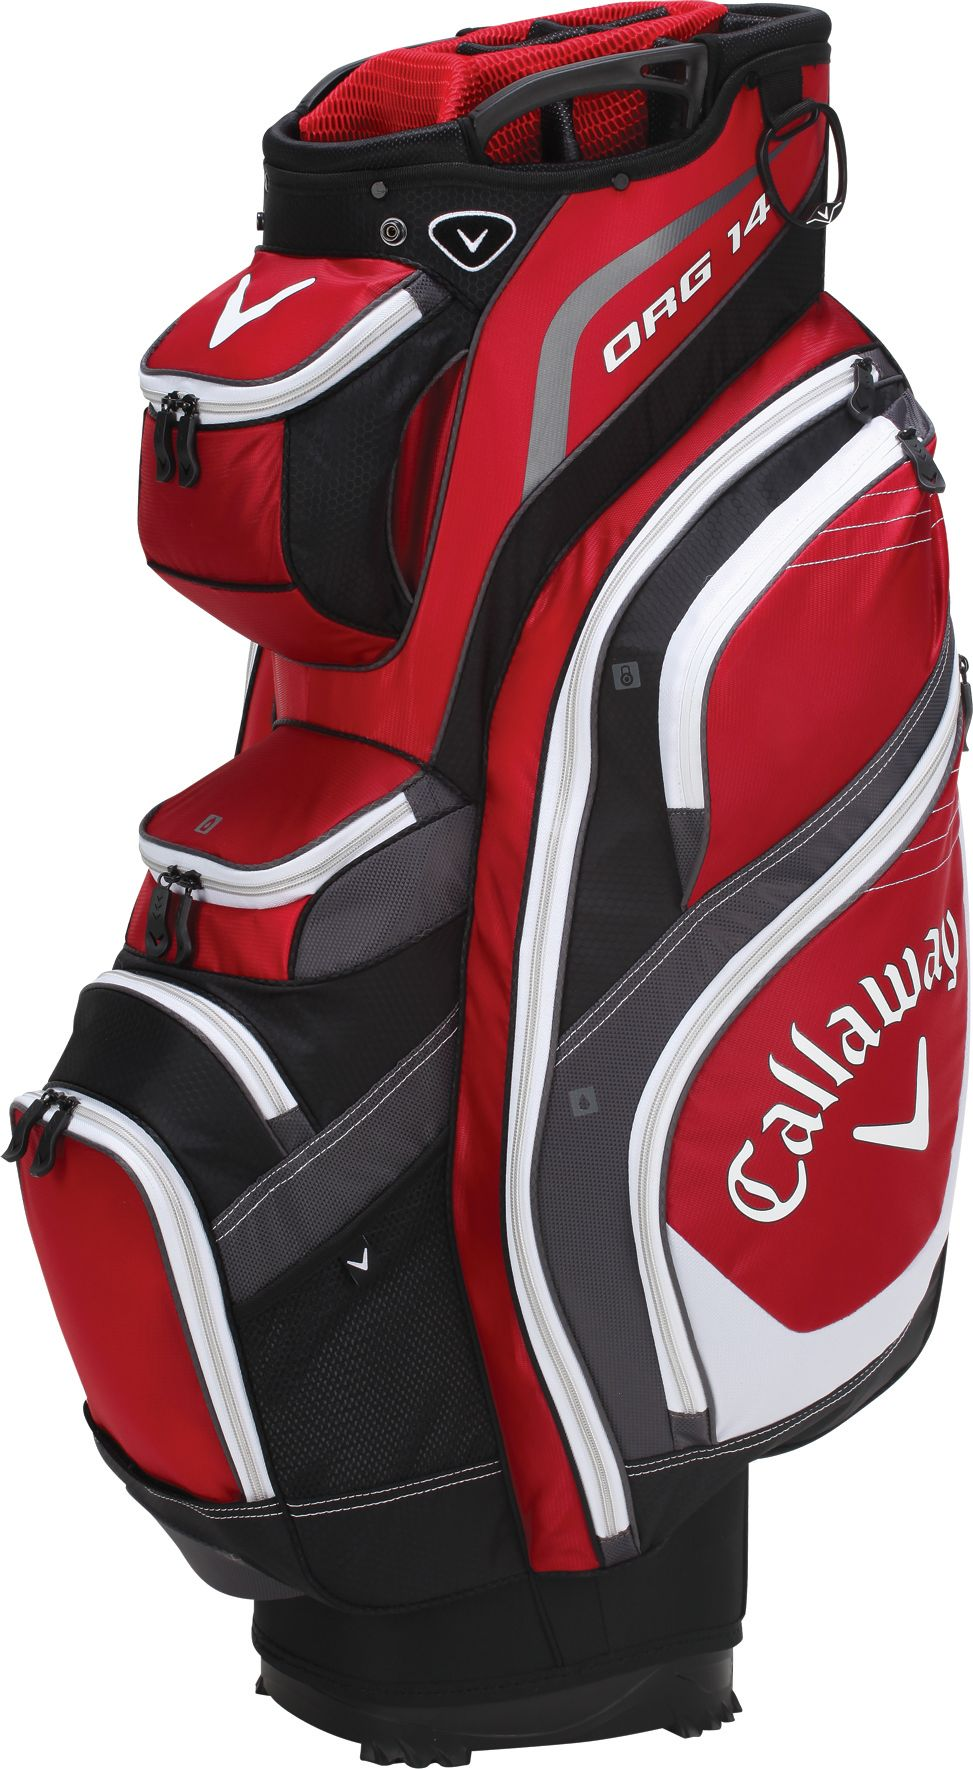 Callaway 2014 org 14 cart bag